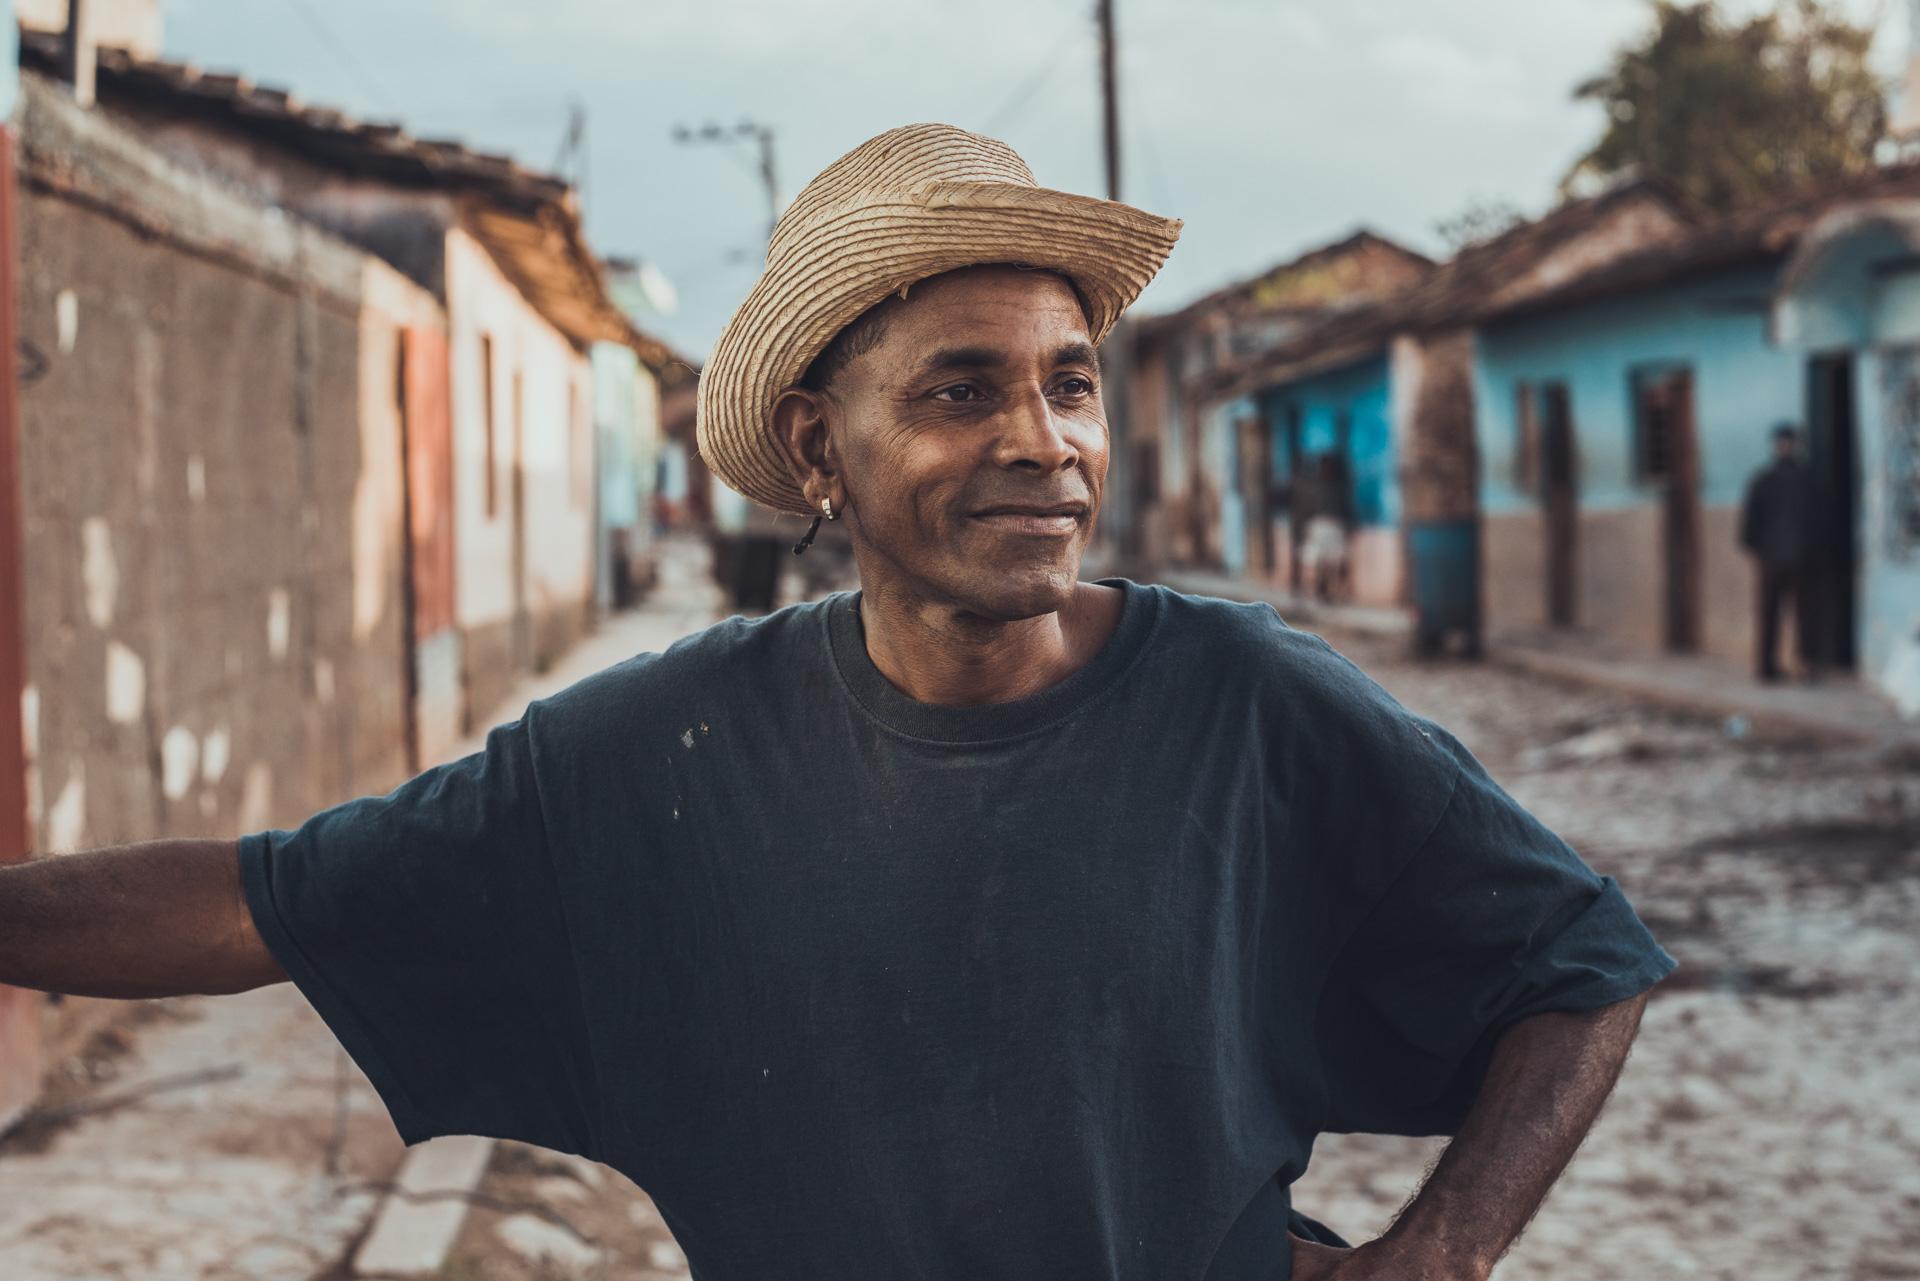 Cuba_StijnHoekstra-57.jpg